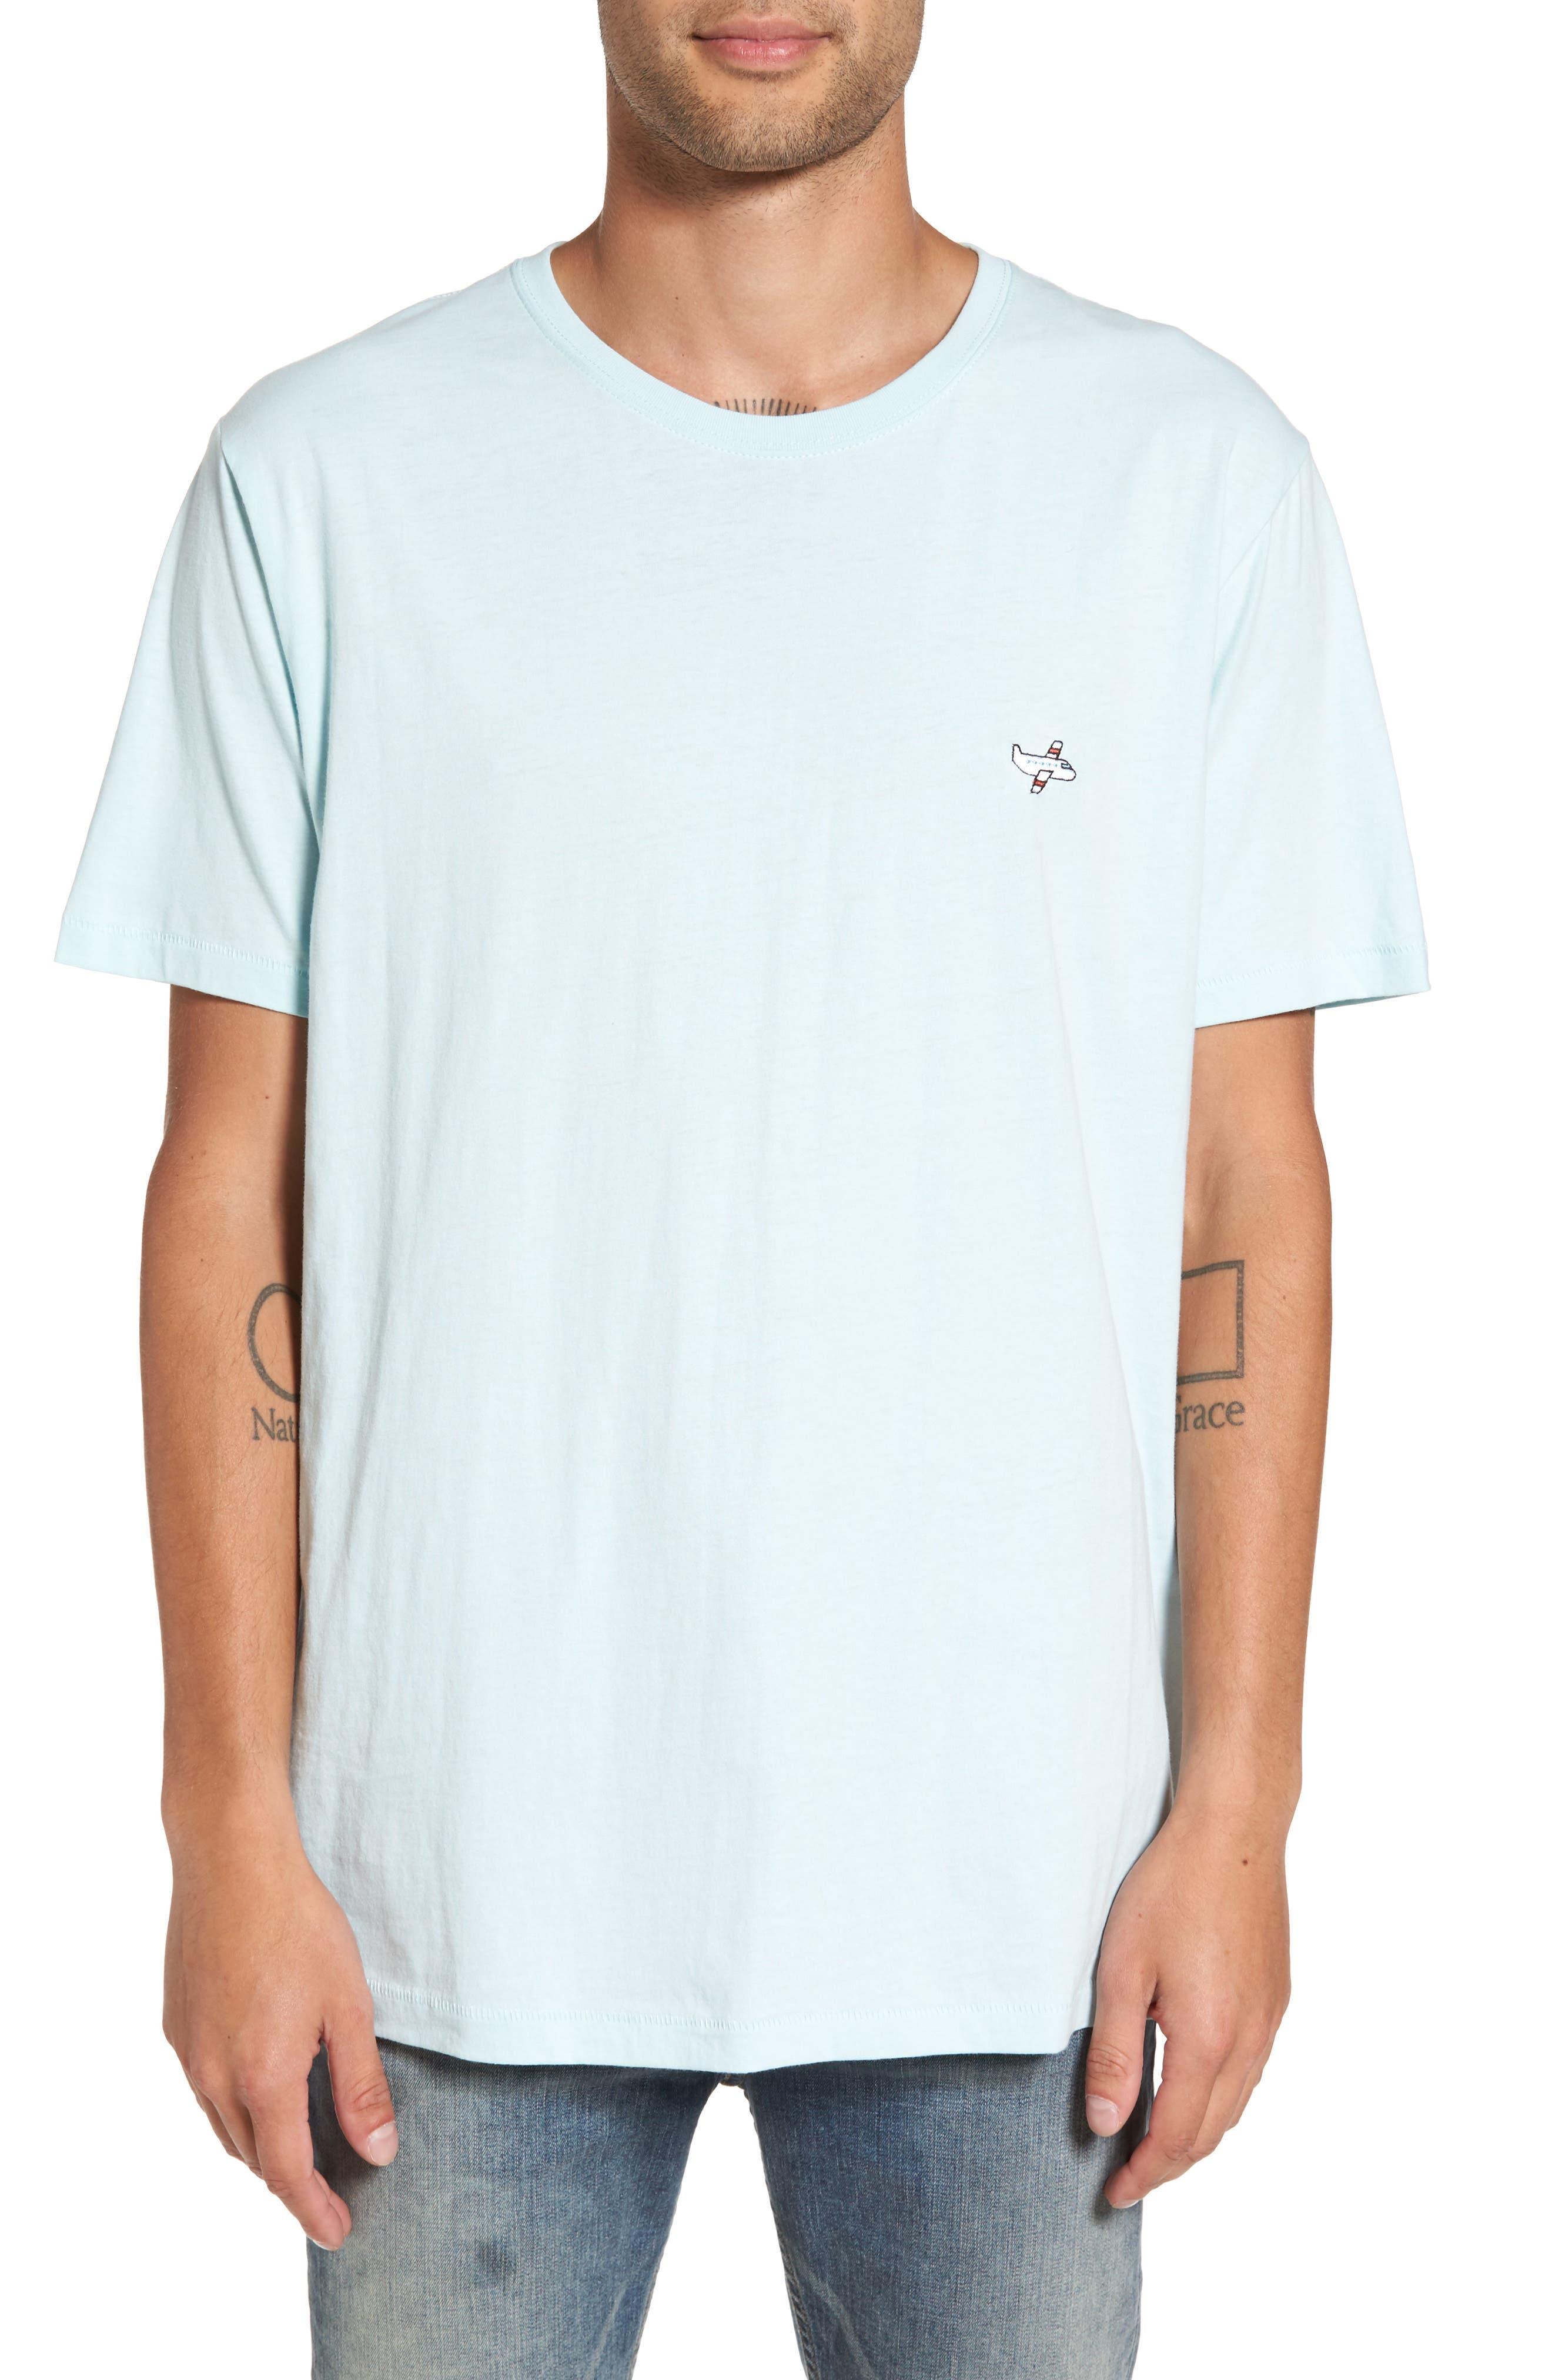 Aeroplane Appliqué T-Shirt,                         Main,                         color, Aqua